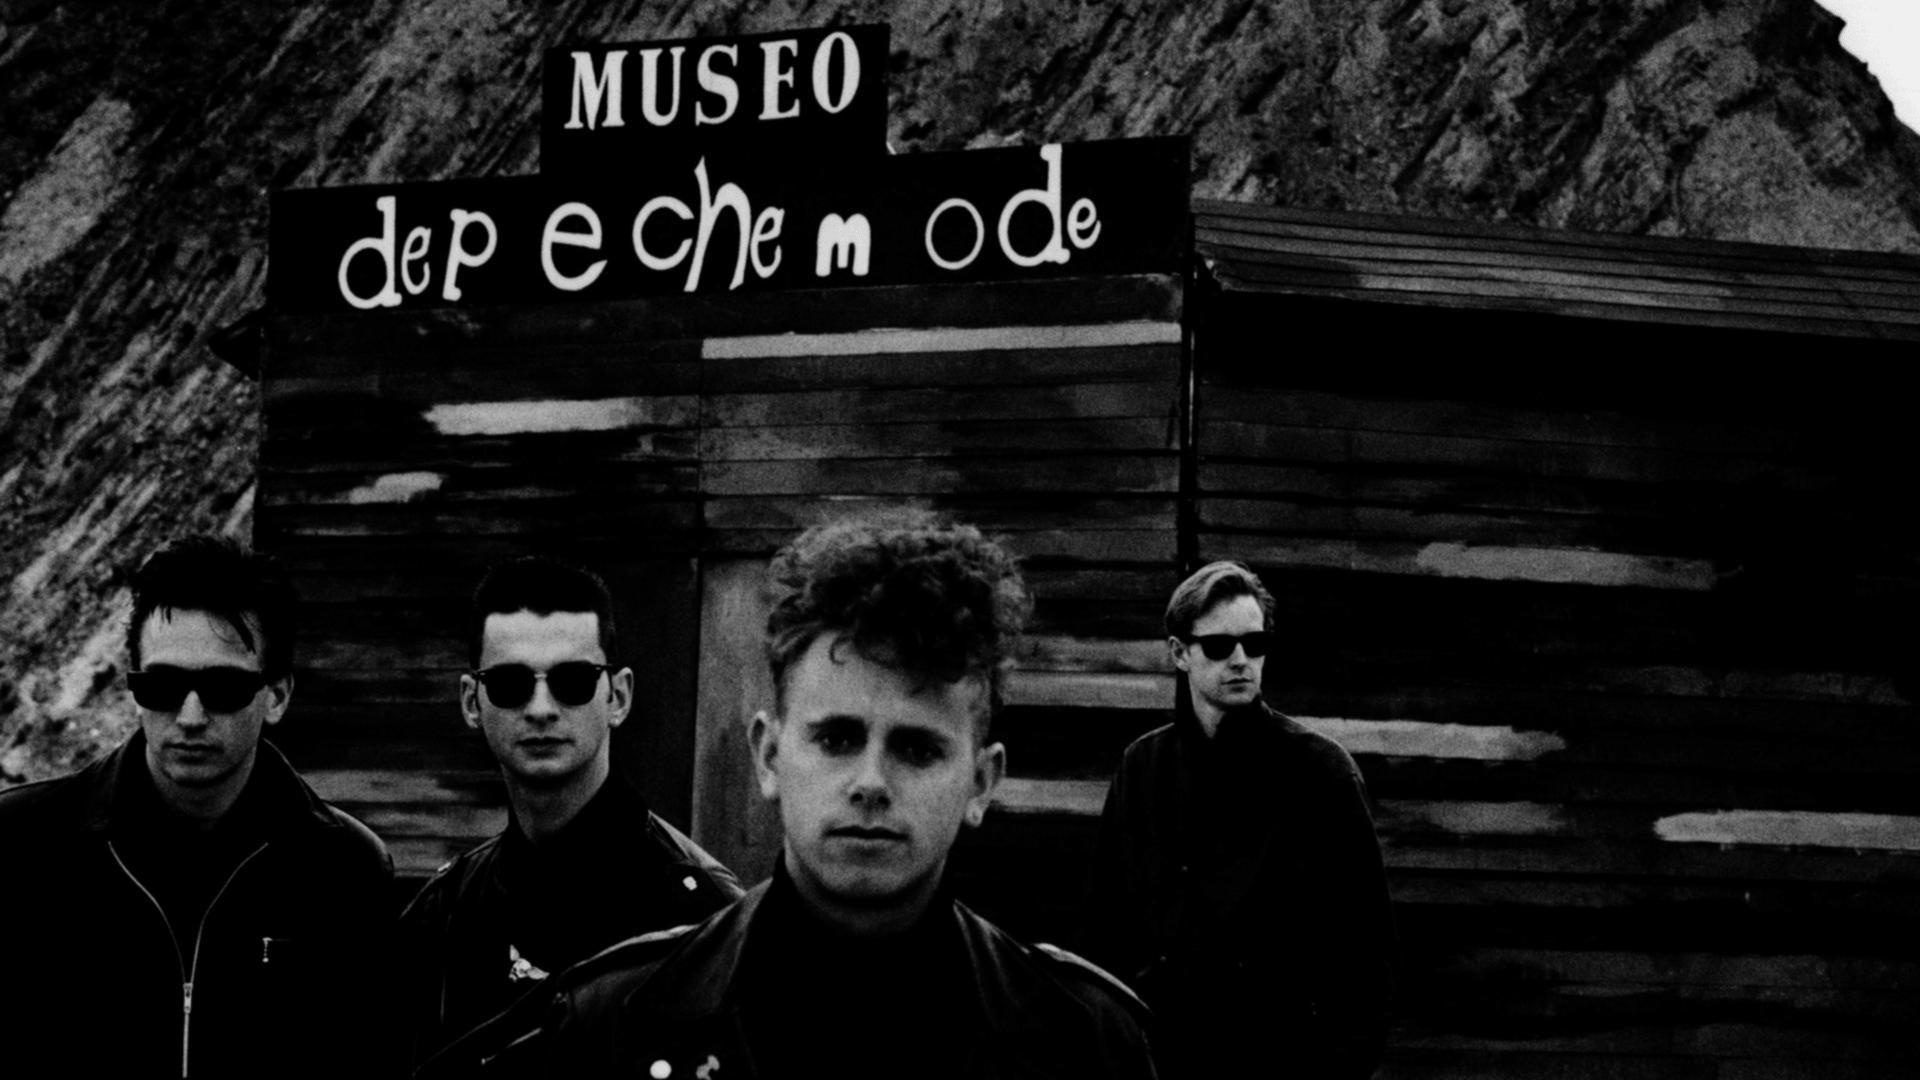 Depeche Mode Widescreen for desktop